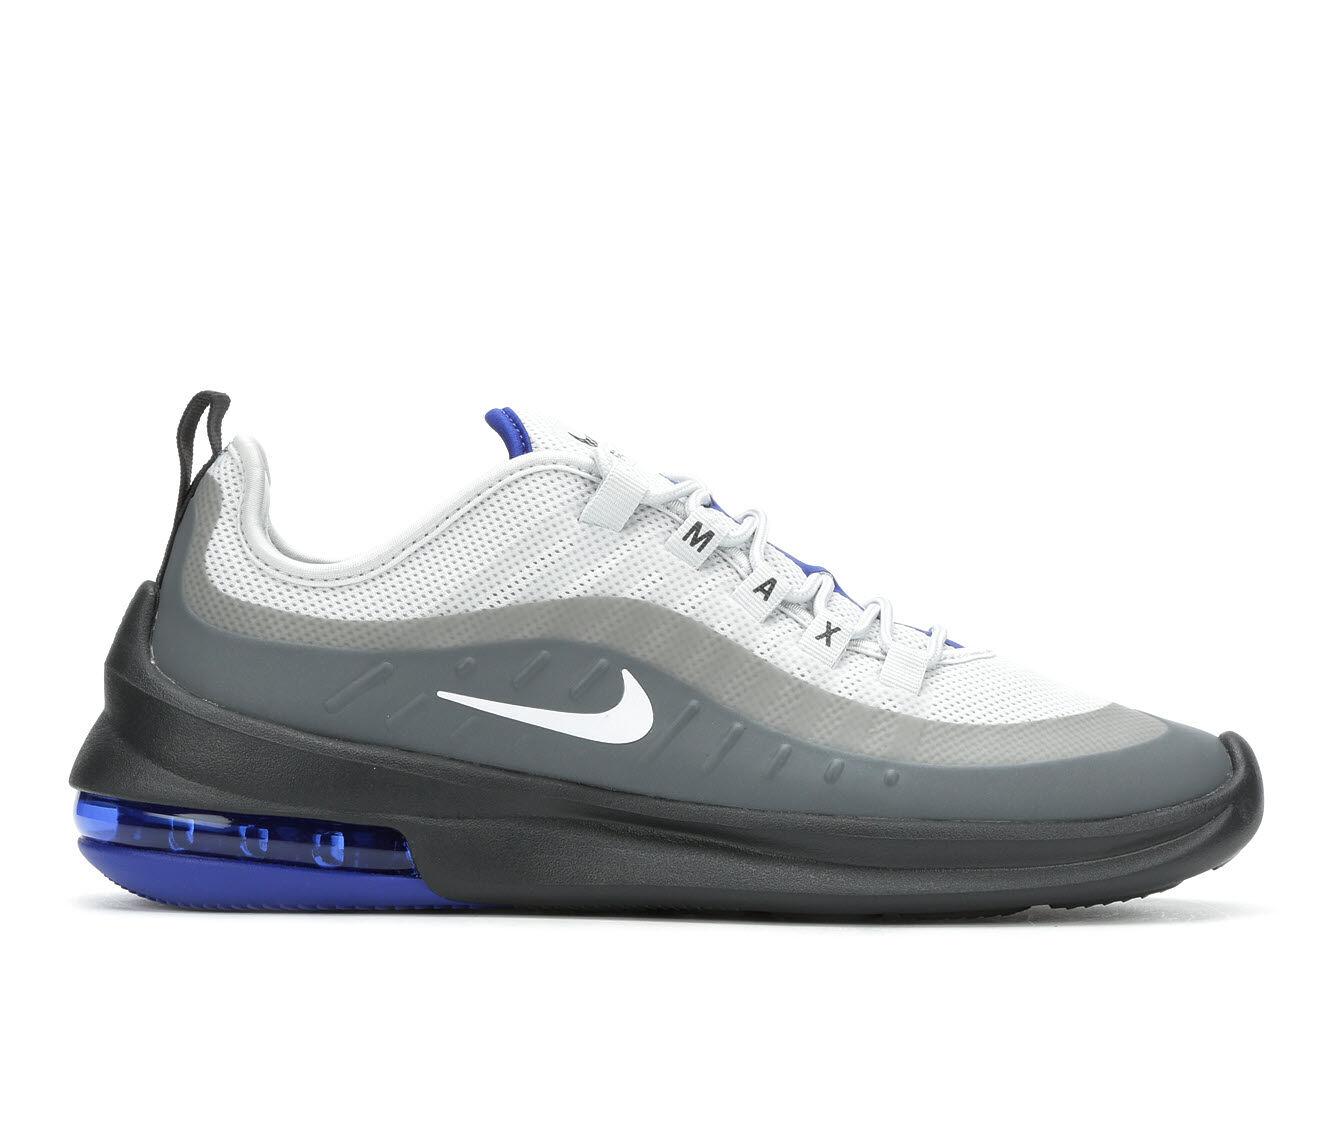 Nike Air Shoes \u0026 Sneakers   Low, Mid